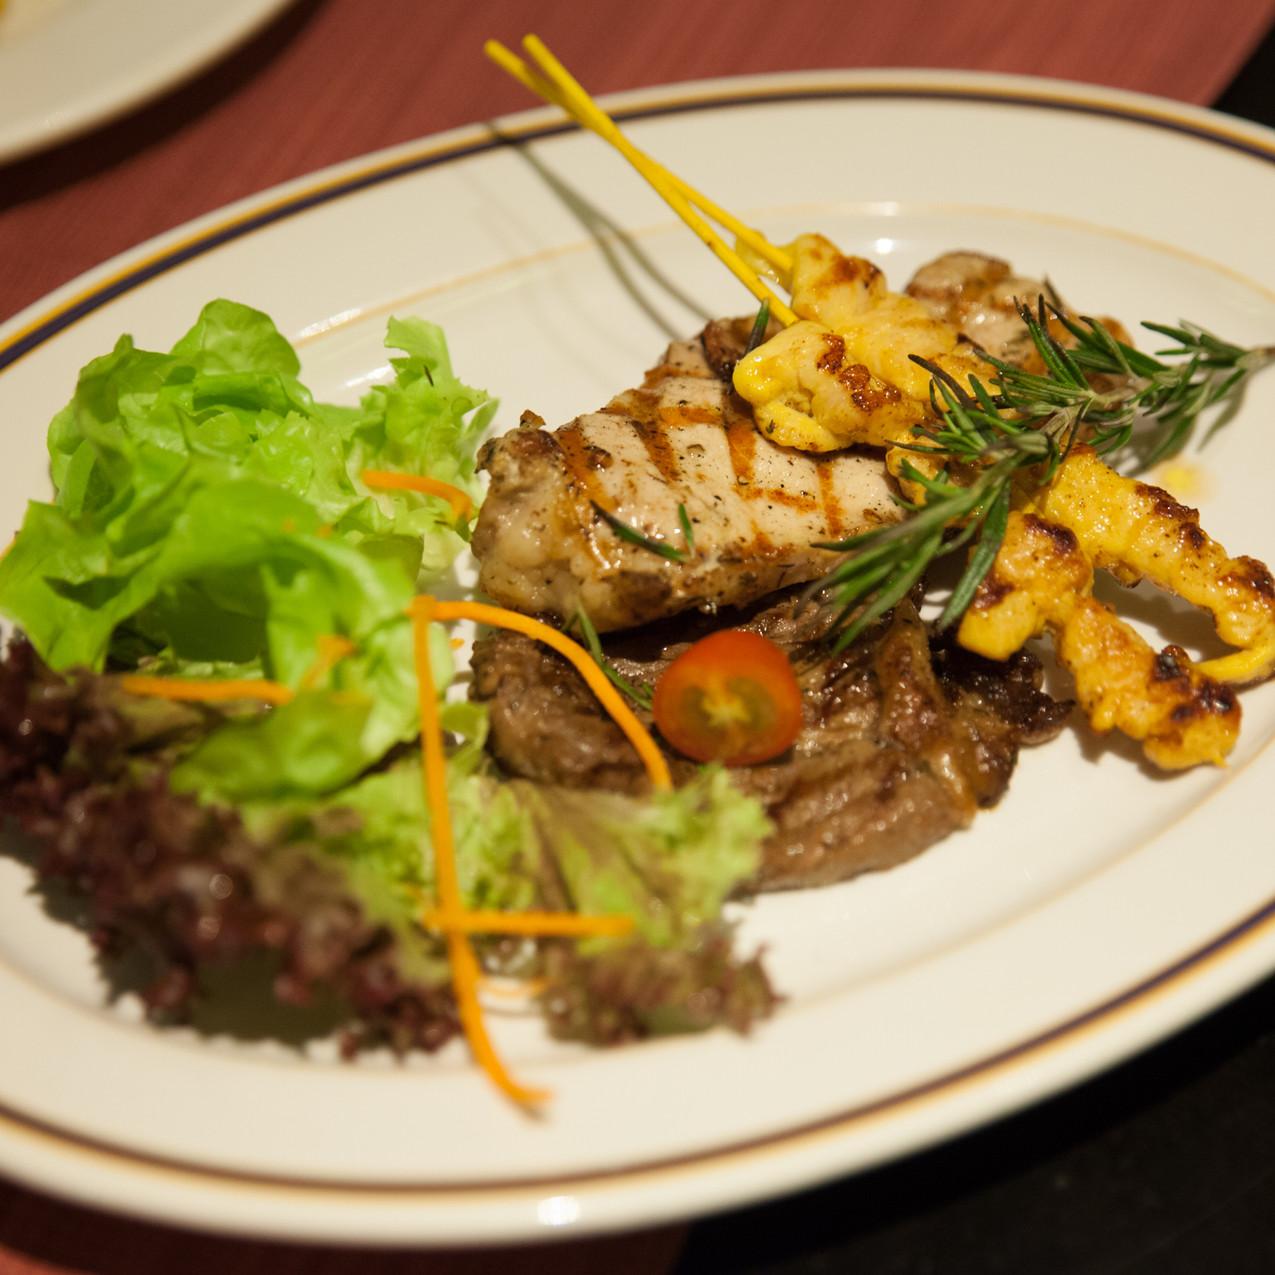 Grilled Beef, Chicken & Pork